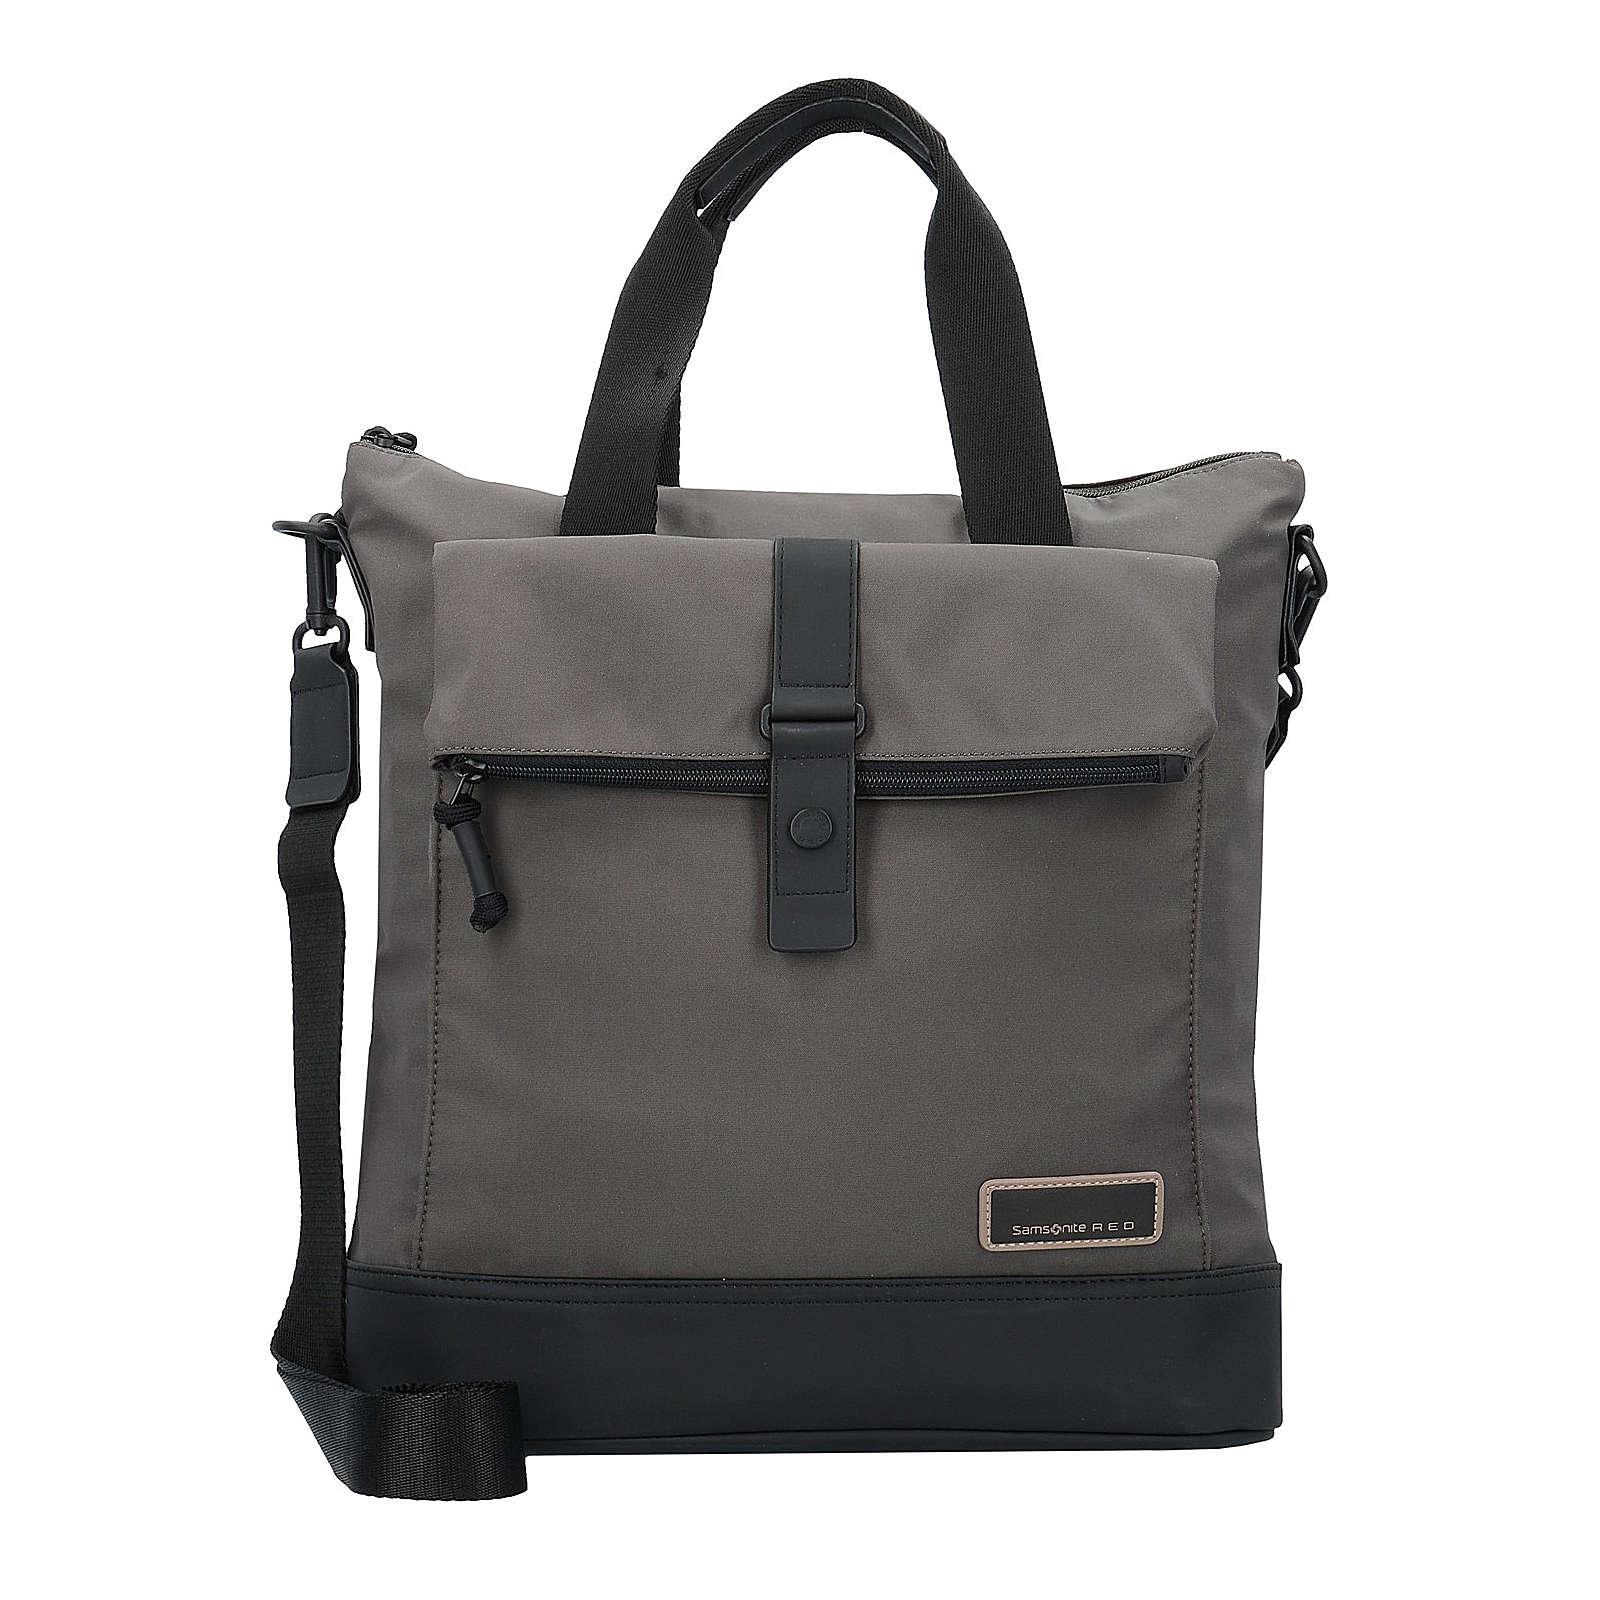 Samsonite Glaehn 33 cm Laptopfach Handtaschen g...